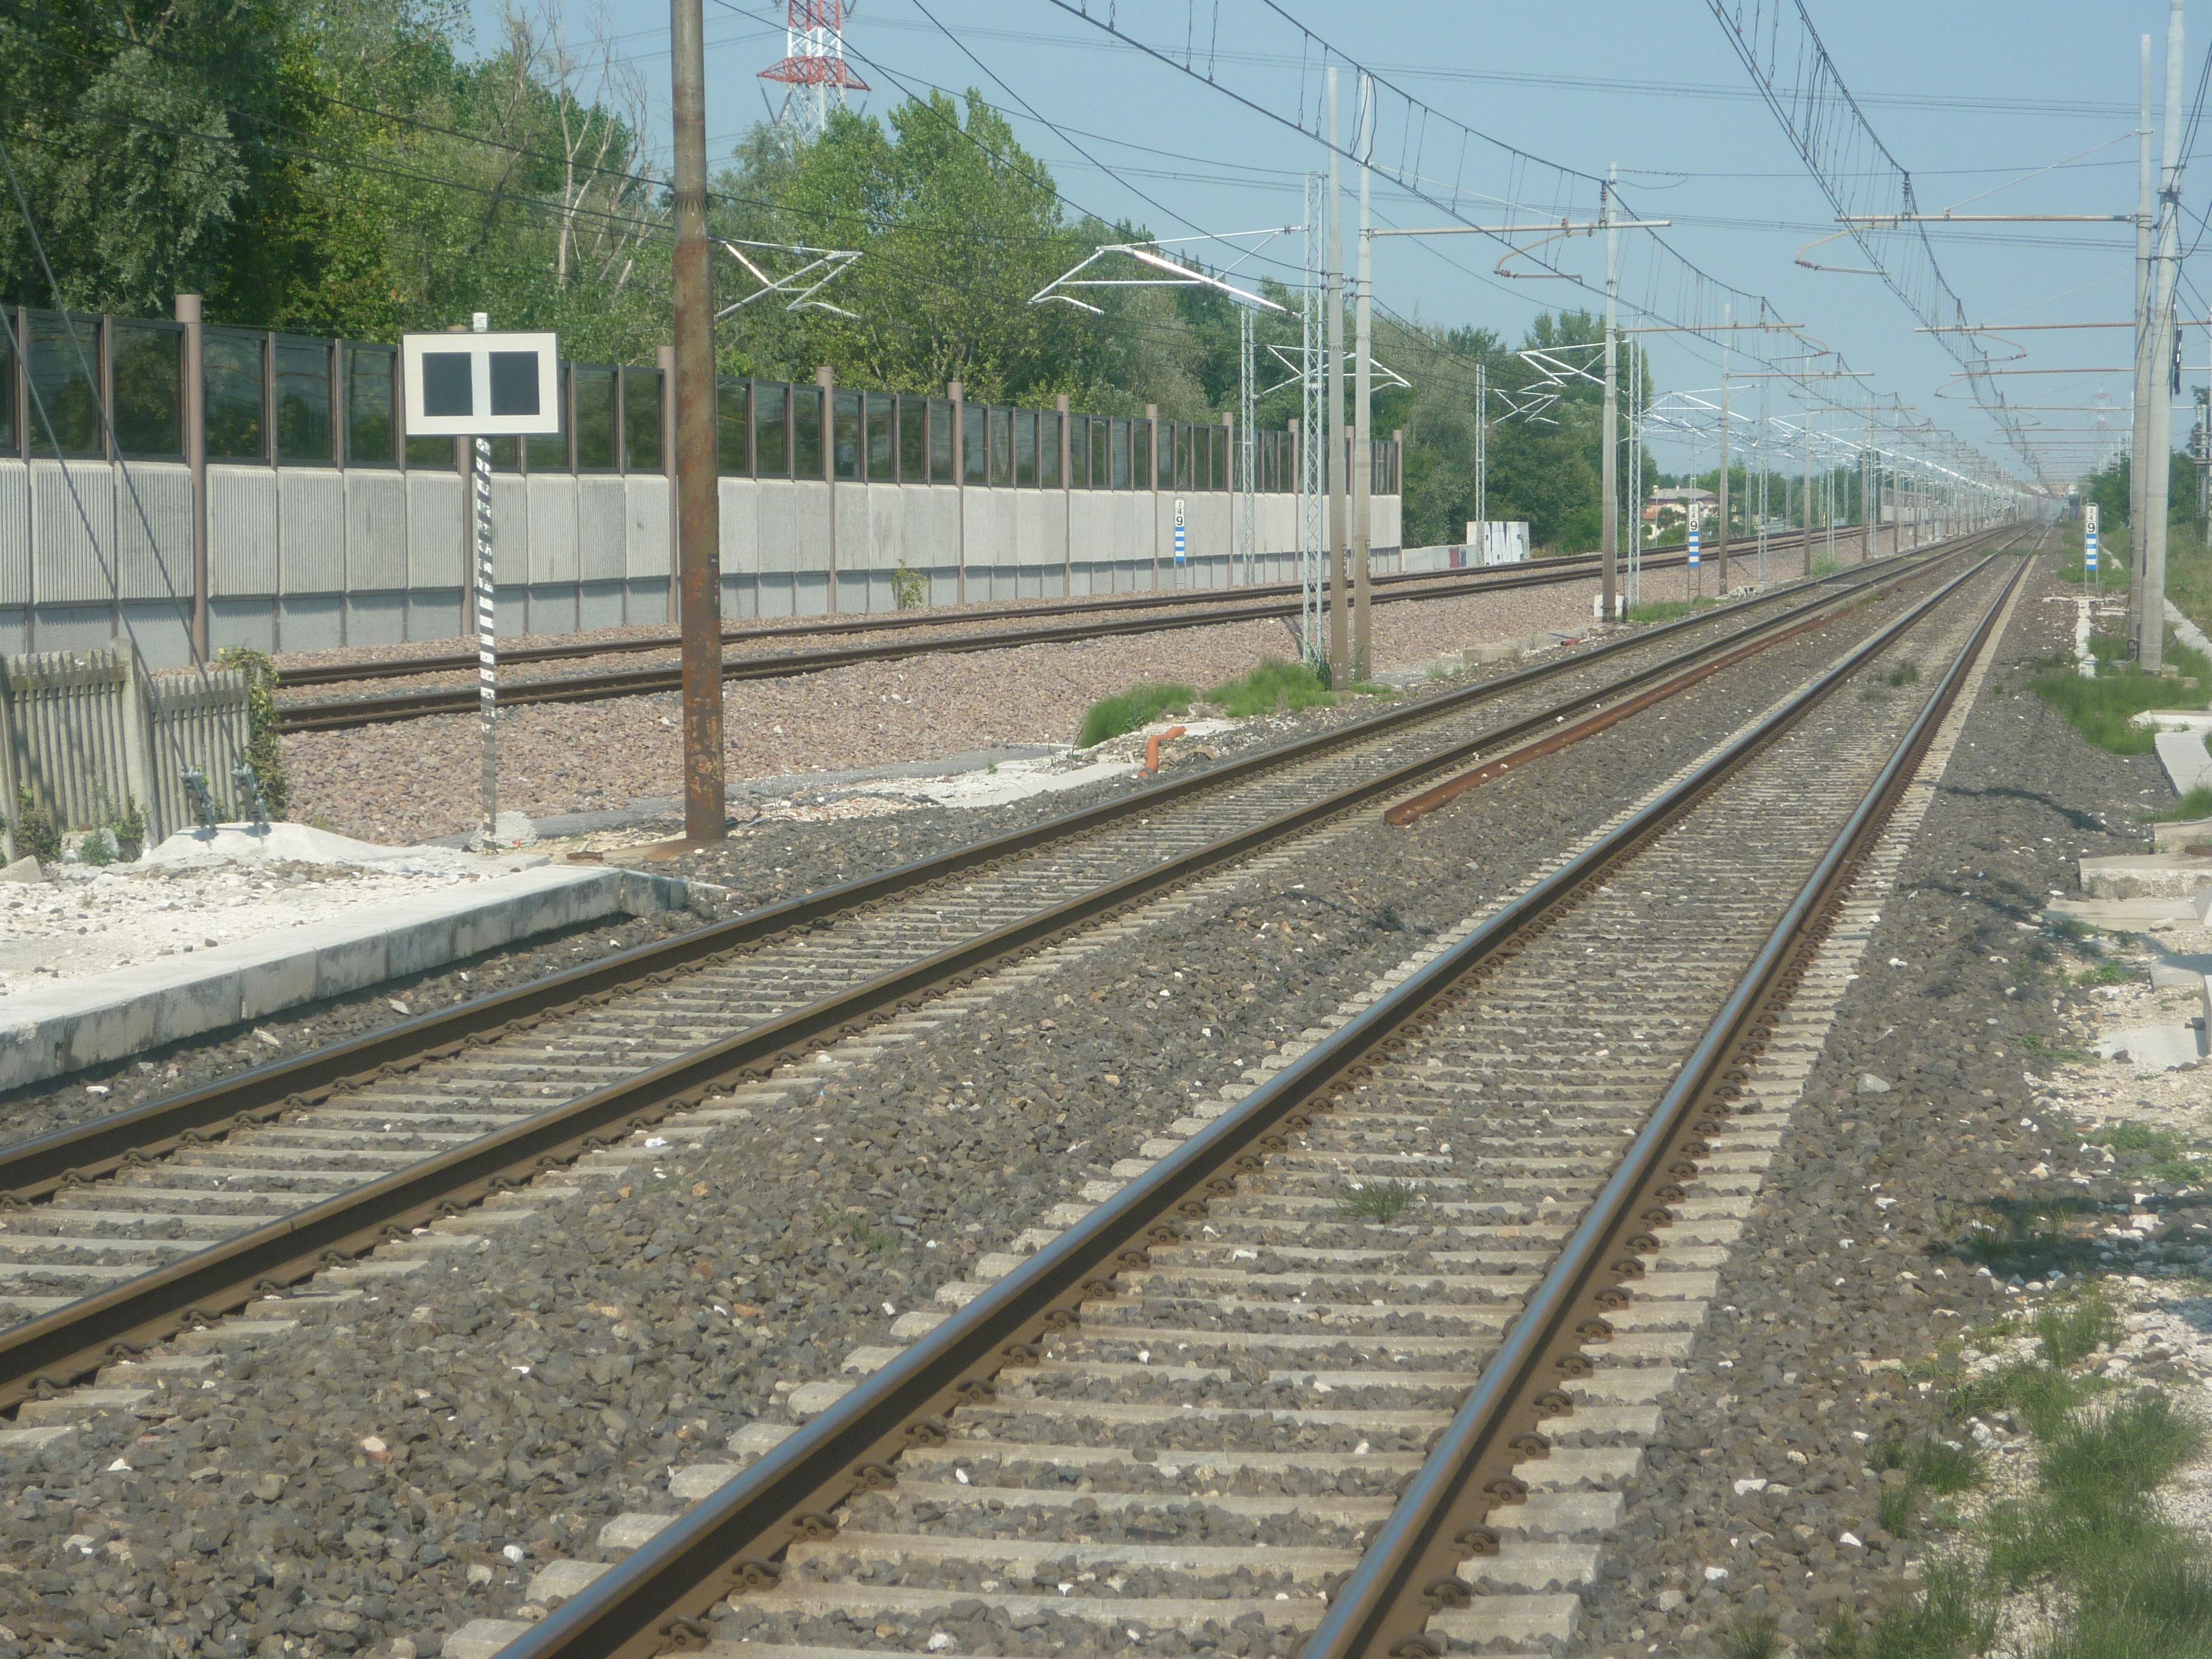 Crolla muro sui binari della ferrovia, cause legate alle forti piogge: ecco la tratta colpita